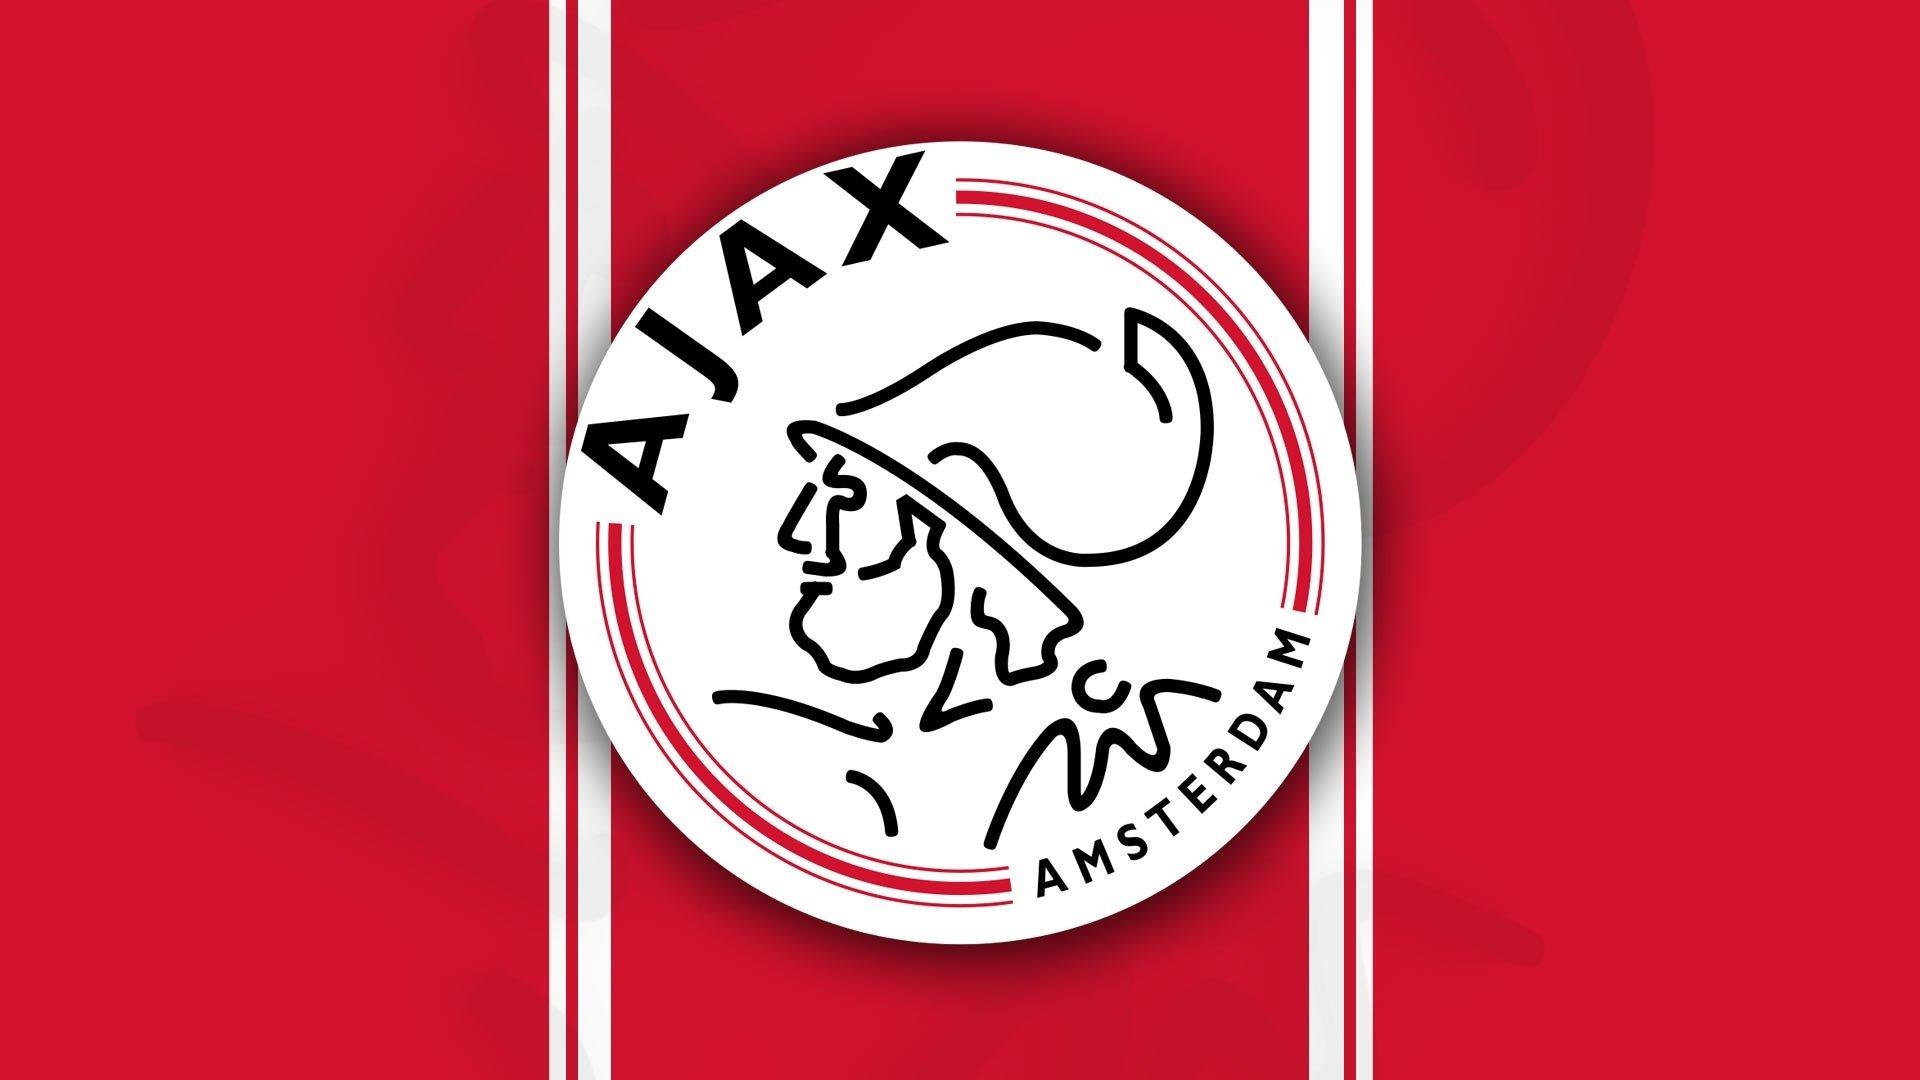 Afc Ajax Fondo De Pantalla Hd Fondo De Escritorio